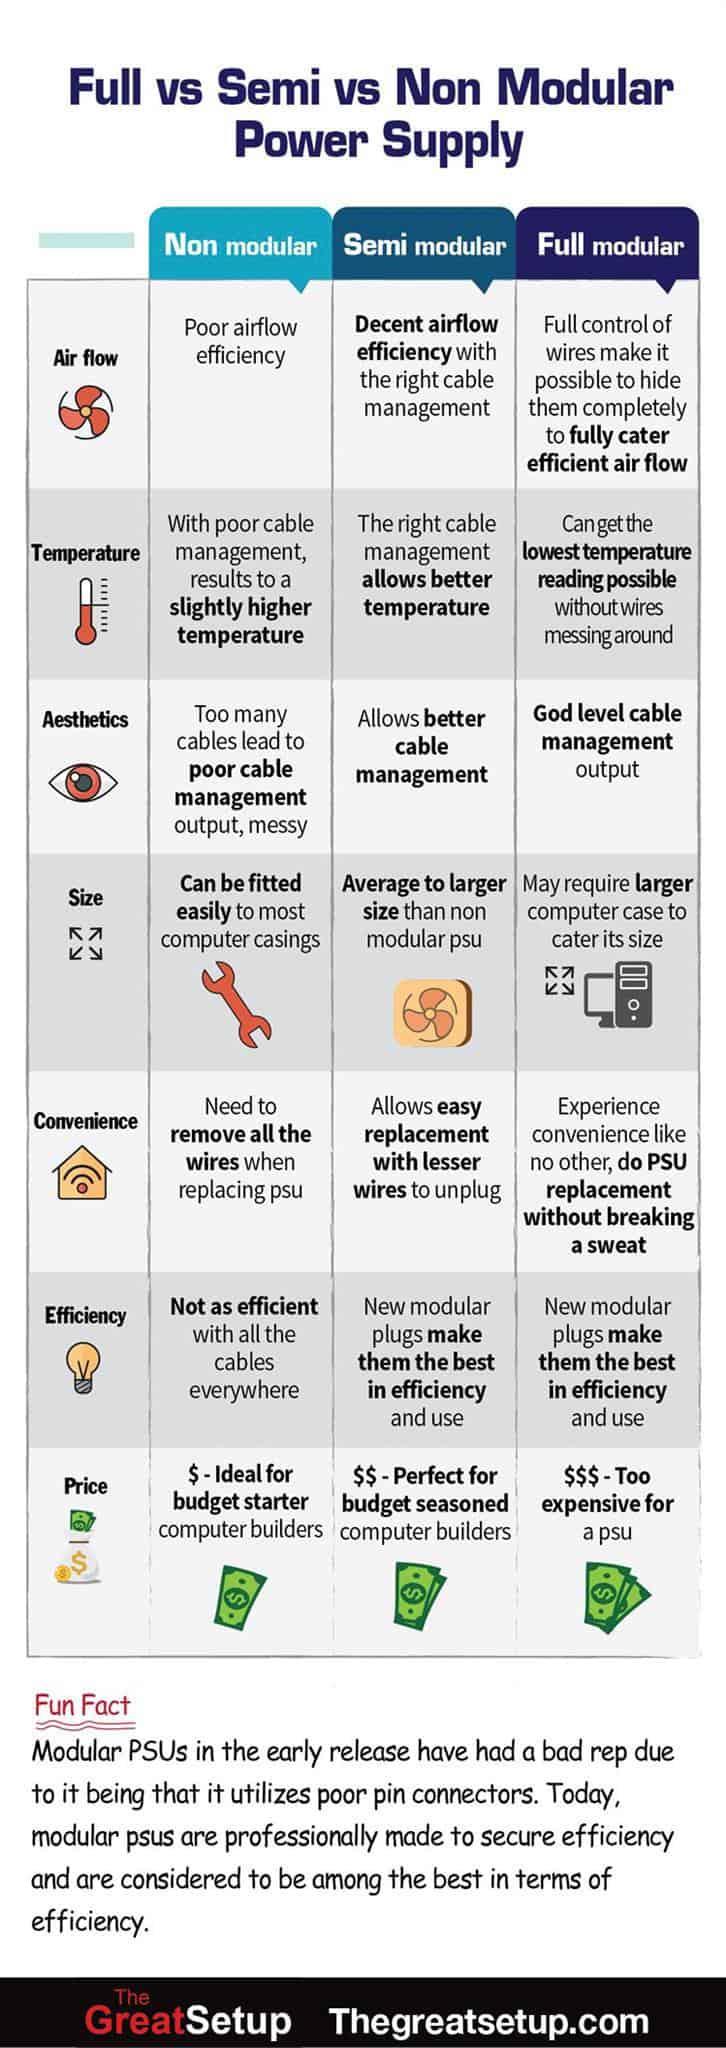 Full vs Semi vs Non Modular power supply differences